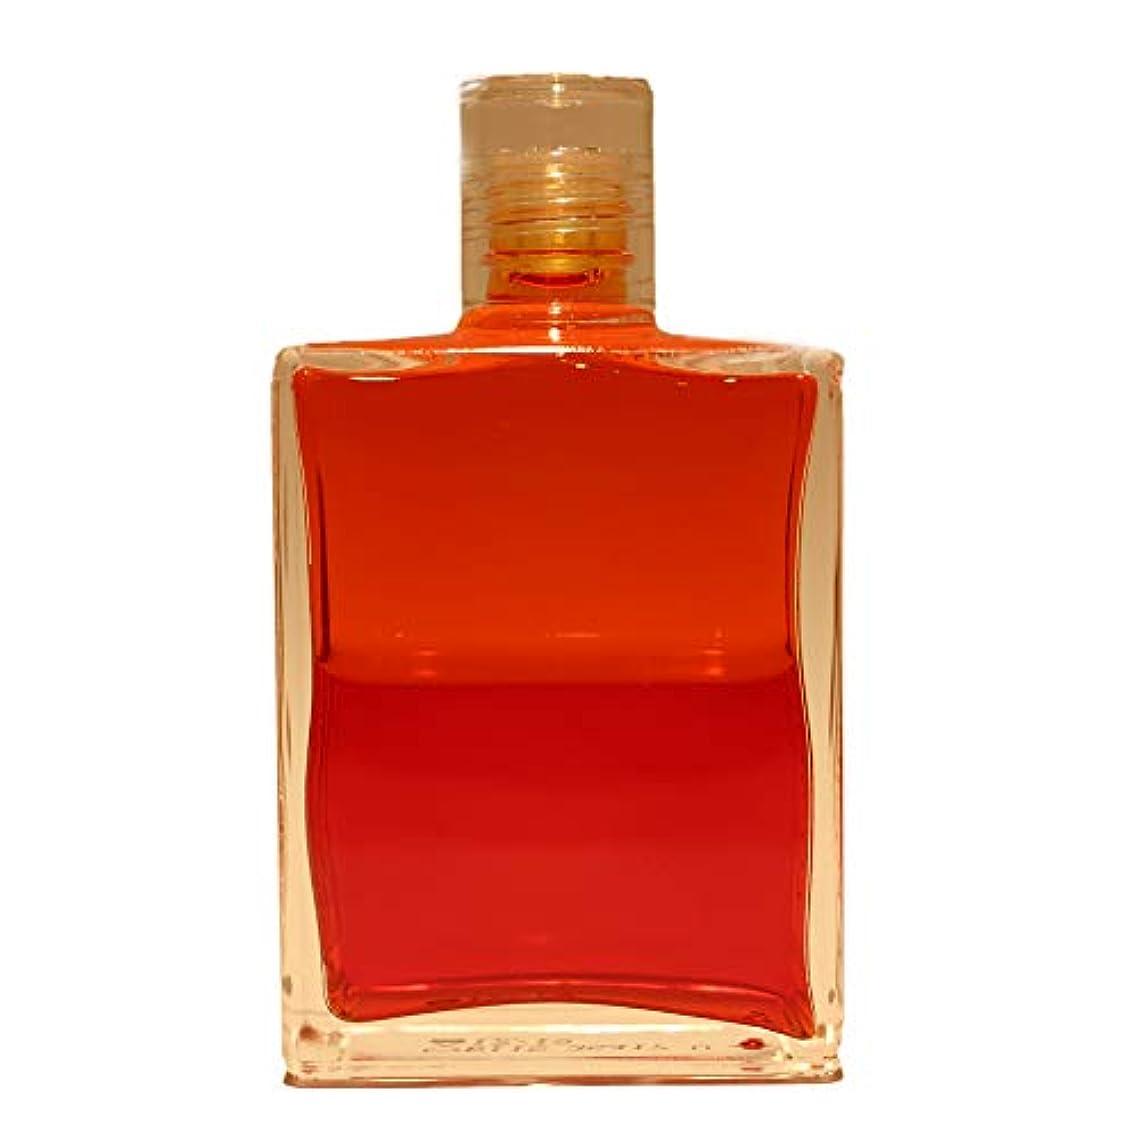 ほこりっぽいはぁ方法AURA-SOMA PRODUCTS オーラソーマ イクイリブリアム B115 大天使ケミエルとアリエル 化粧水 オレンジ/レッド 50ml